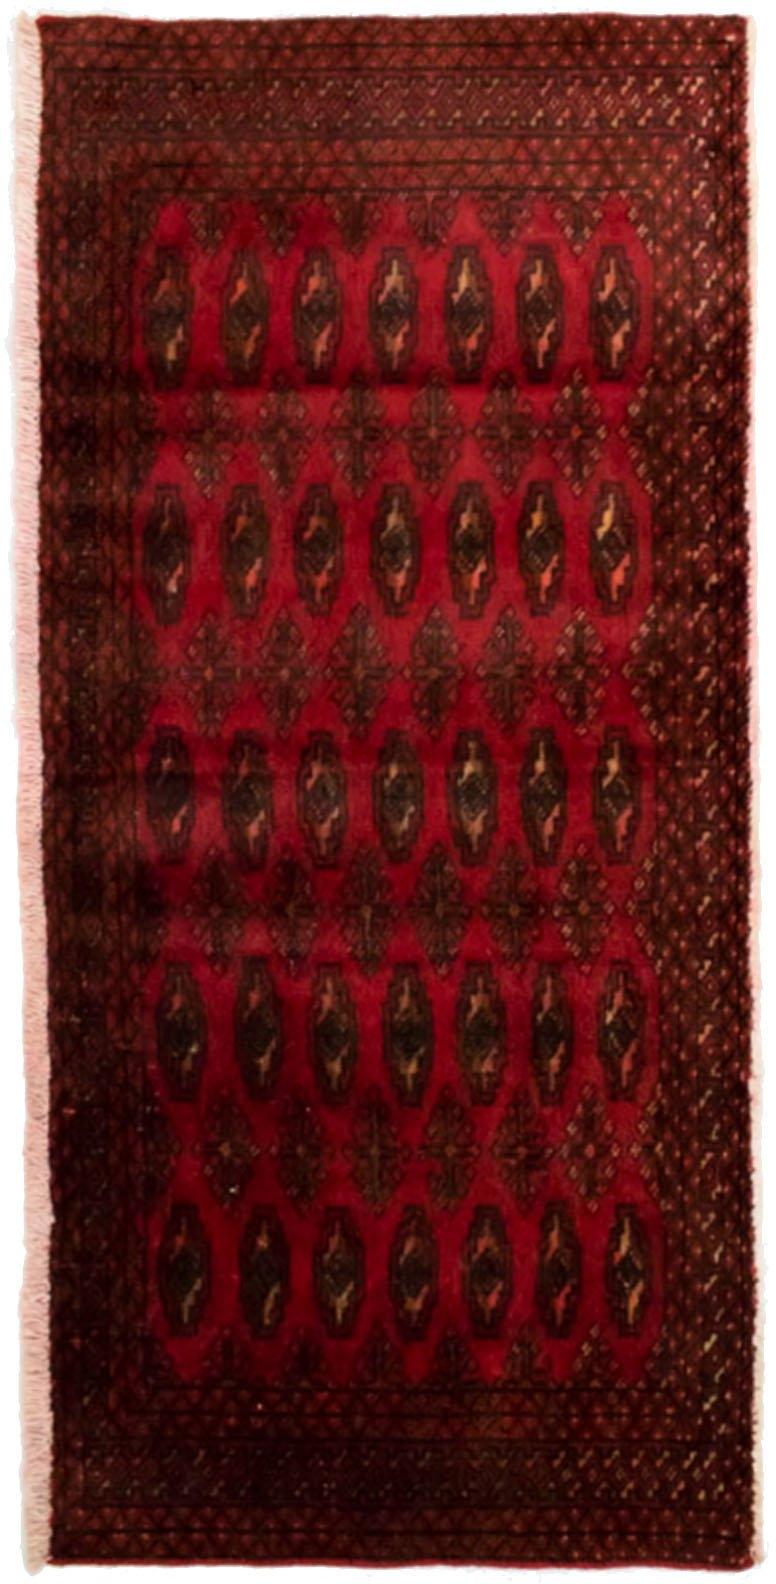 morgenland wollen kleed Turkaman Teppich handgeknüpft rot - verschillende betaalmethodes